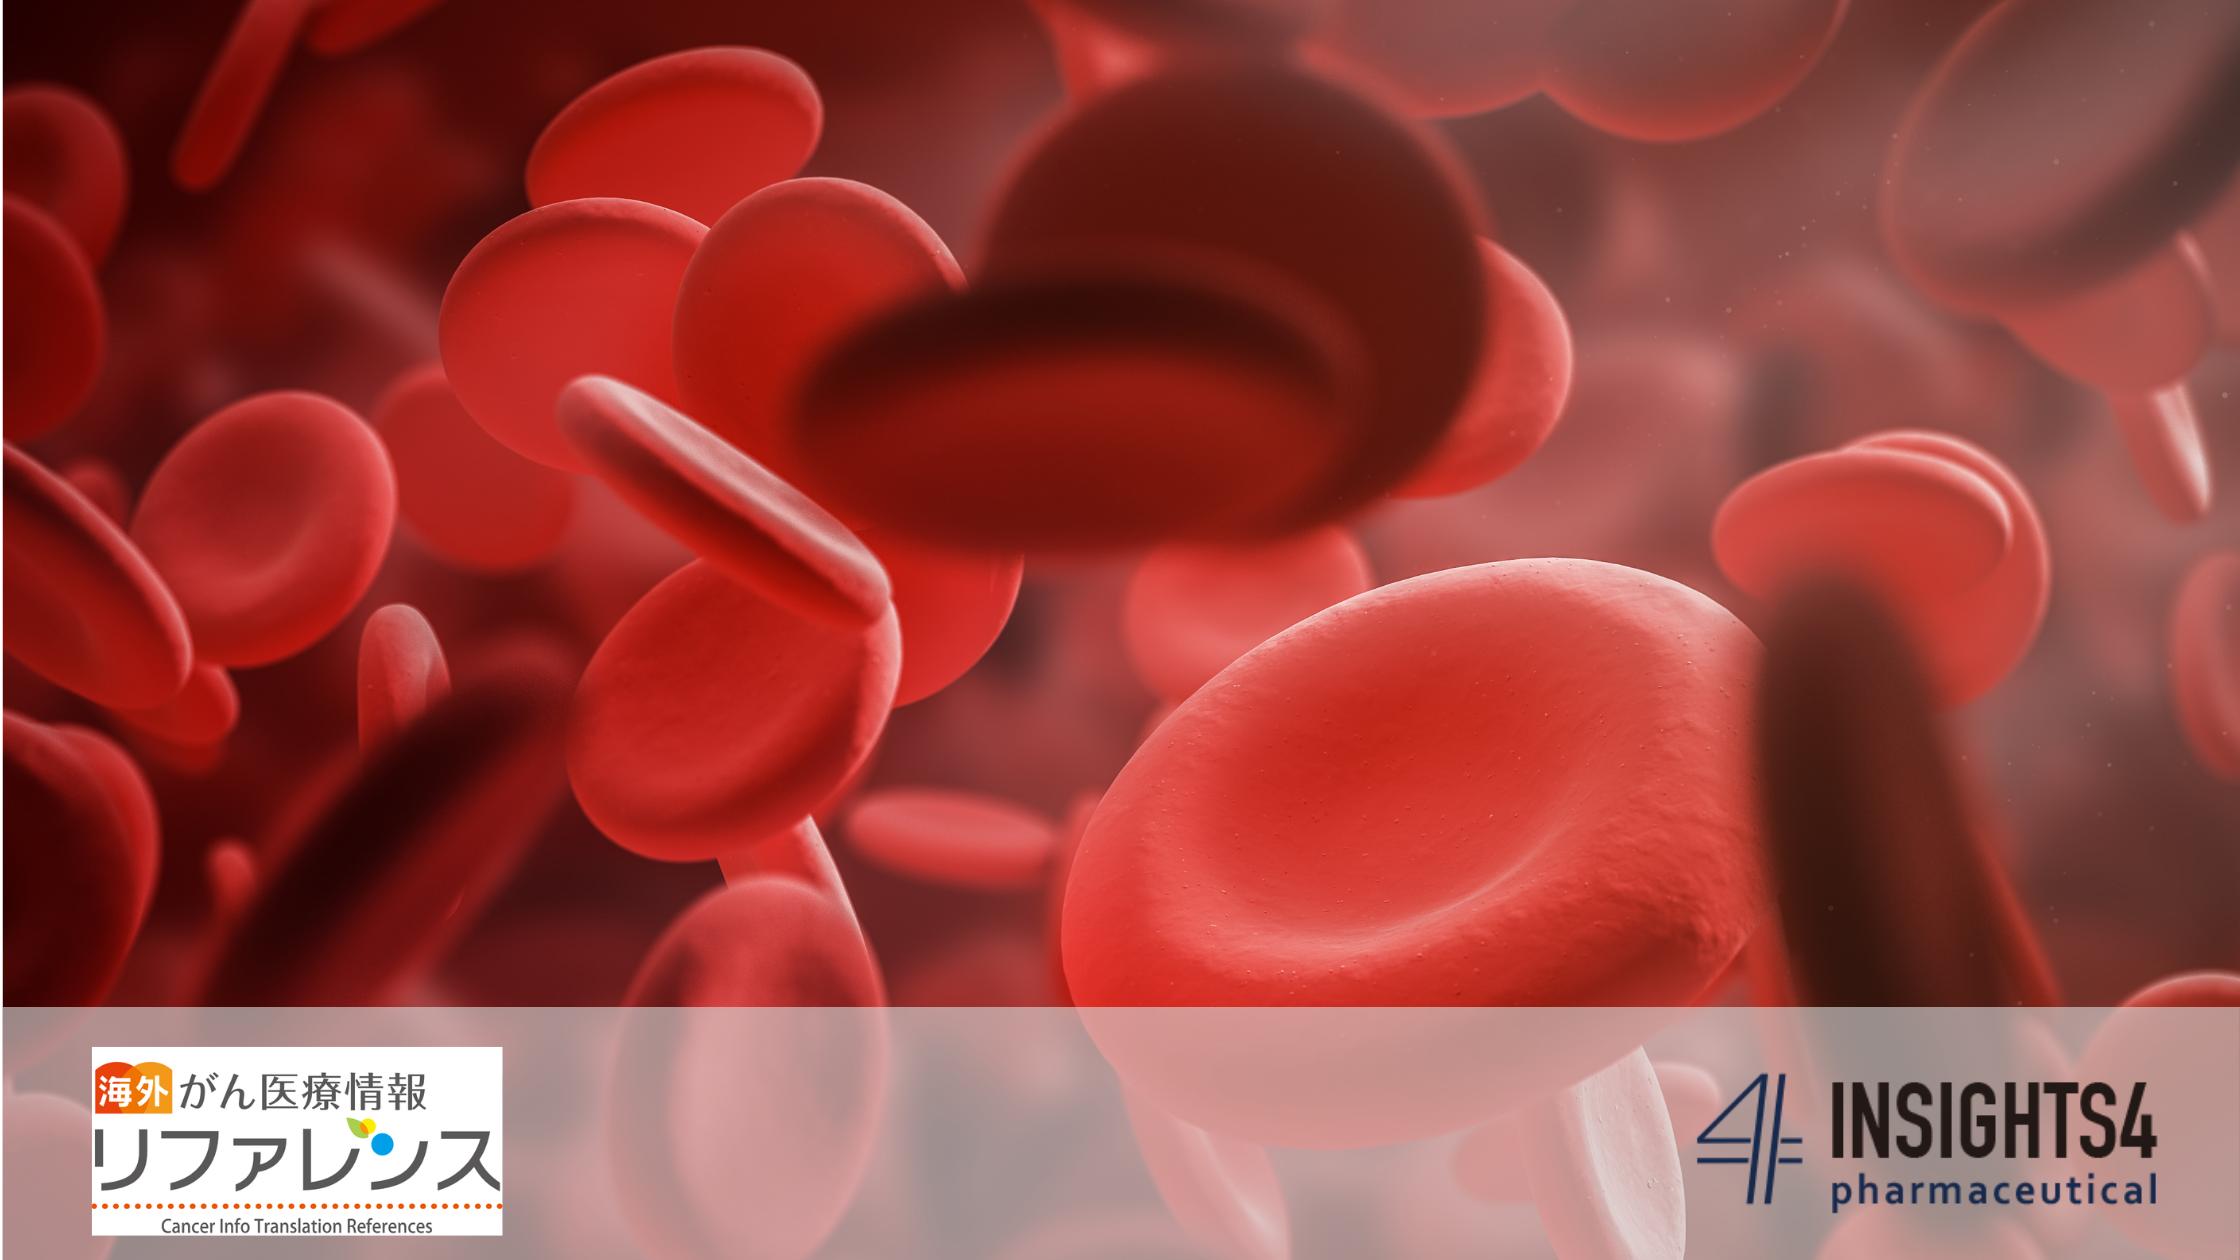 リツキシマブを加えた治療法が高悪性度B細胞リンパ腫の若齢患者に有効